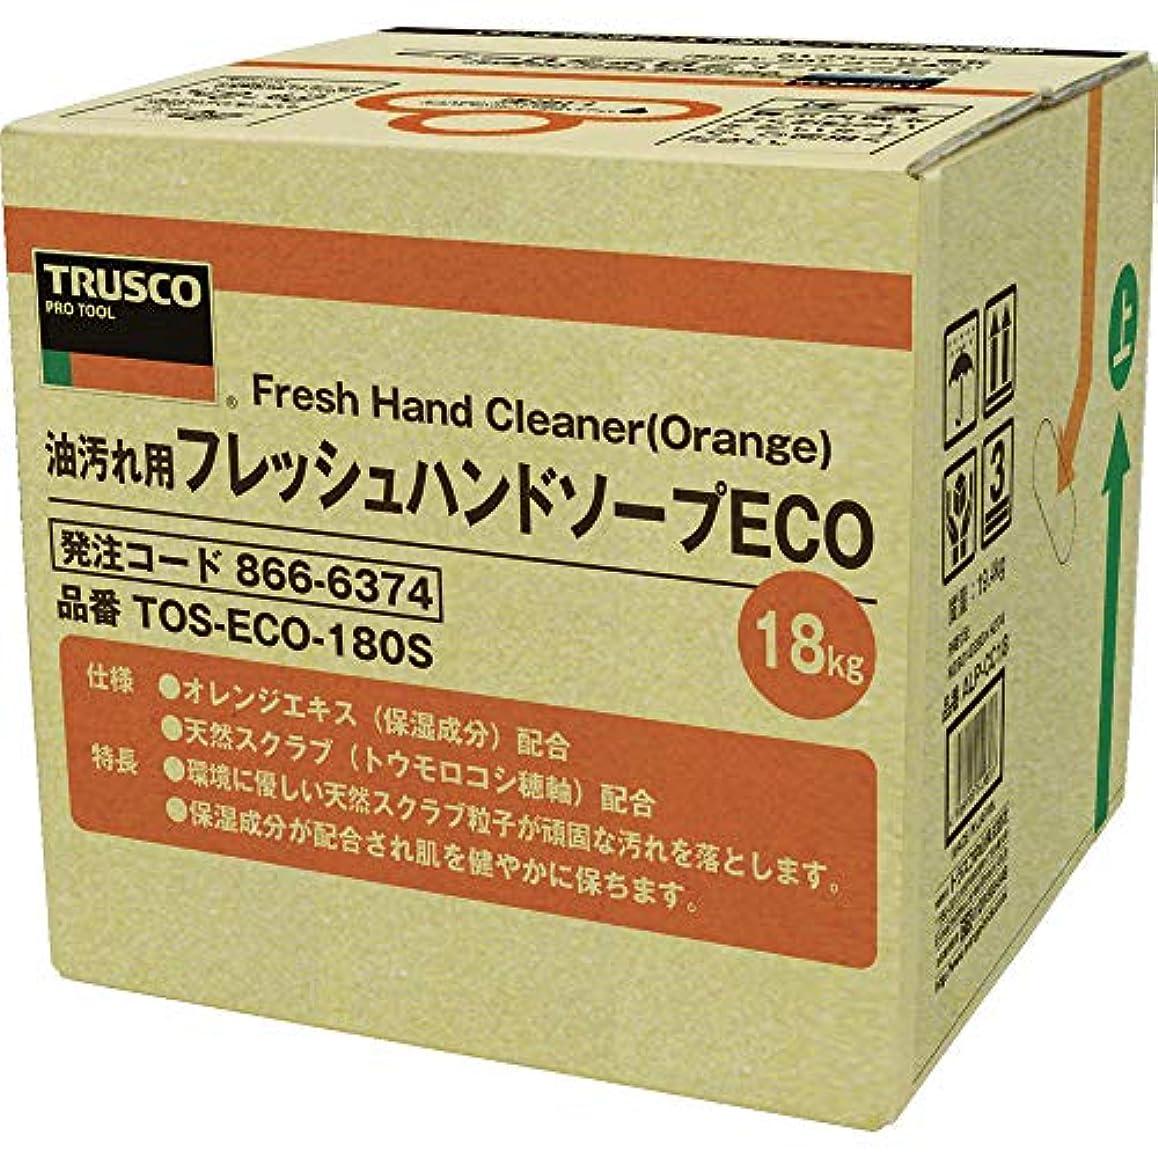 役立つ覚えている百TRUSCO(トラスコ) フレッシュハンドソープECO 18L 詰替 バッグインボックス TOSECO180S